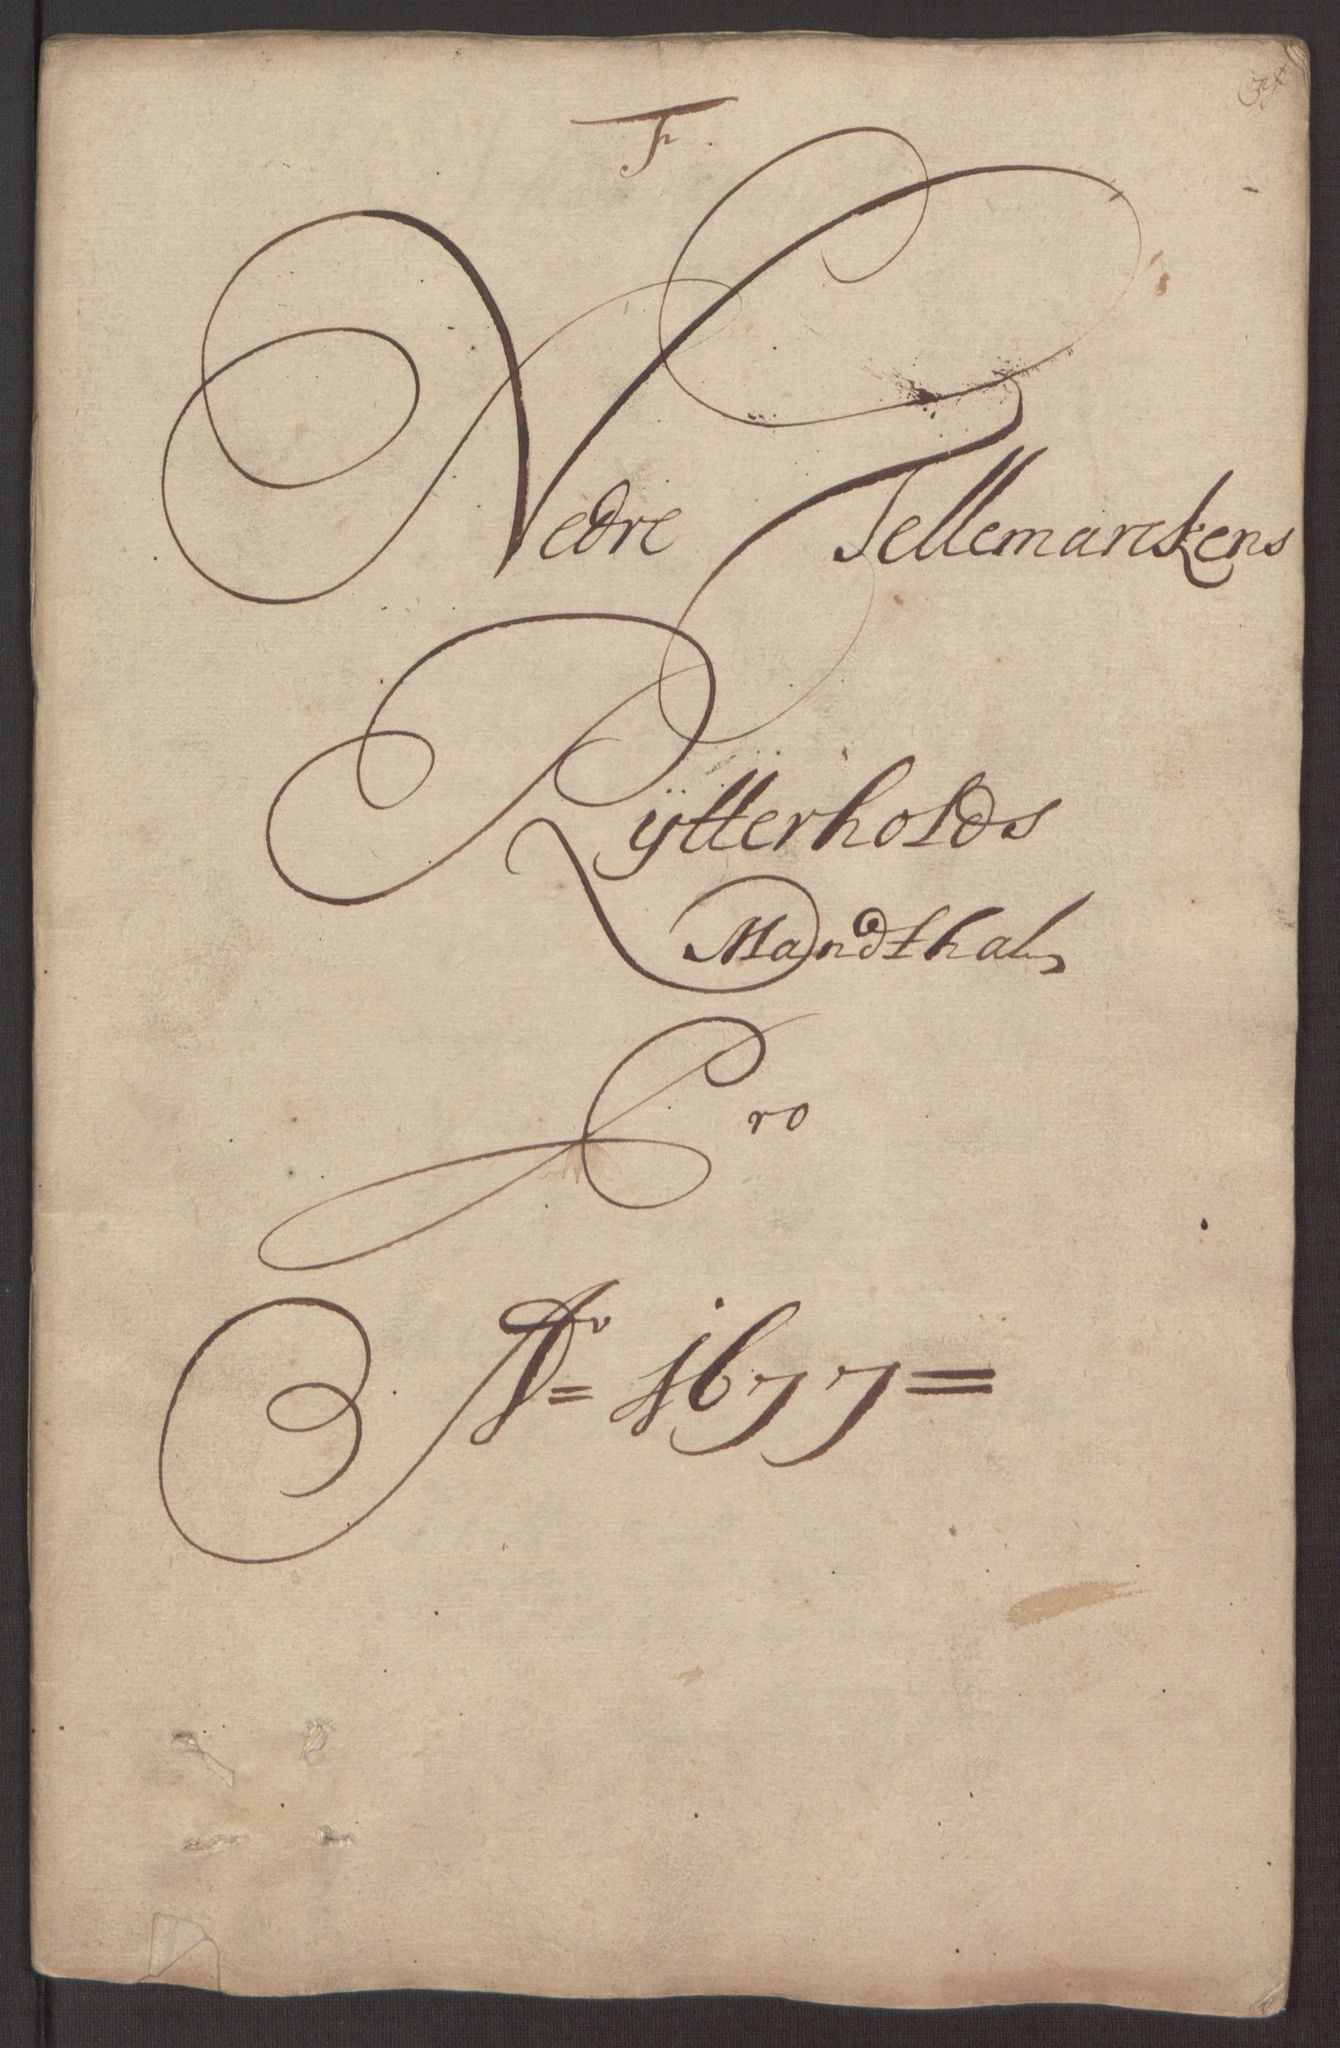 RA, Rentekammeret inntil 1814, Reviderte regnskaper, Fogderegnskap, R35/L2068: Fogderegnskap Øvre og Nedre Telemark, 1677, s. 118